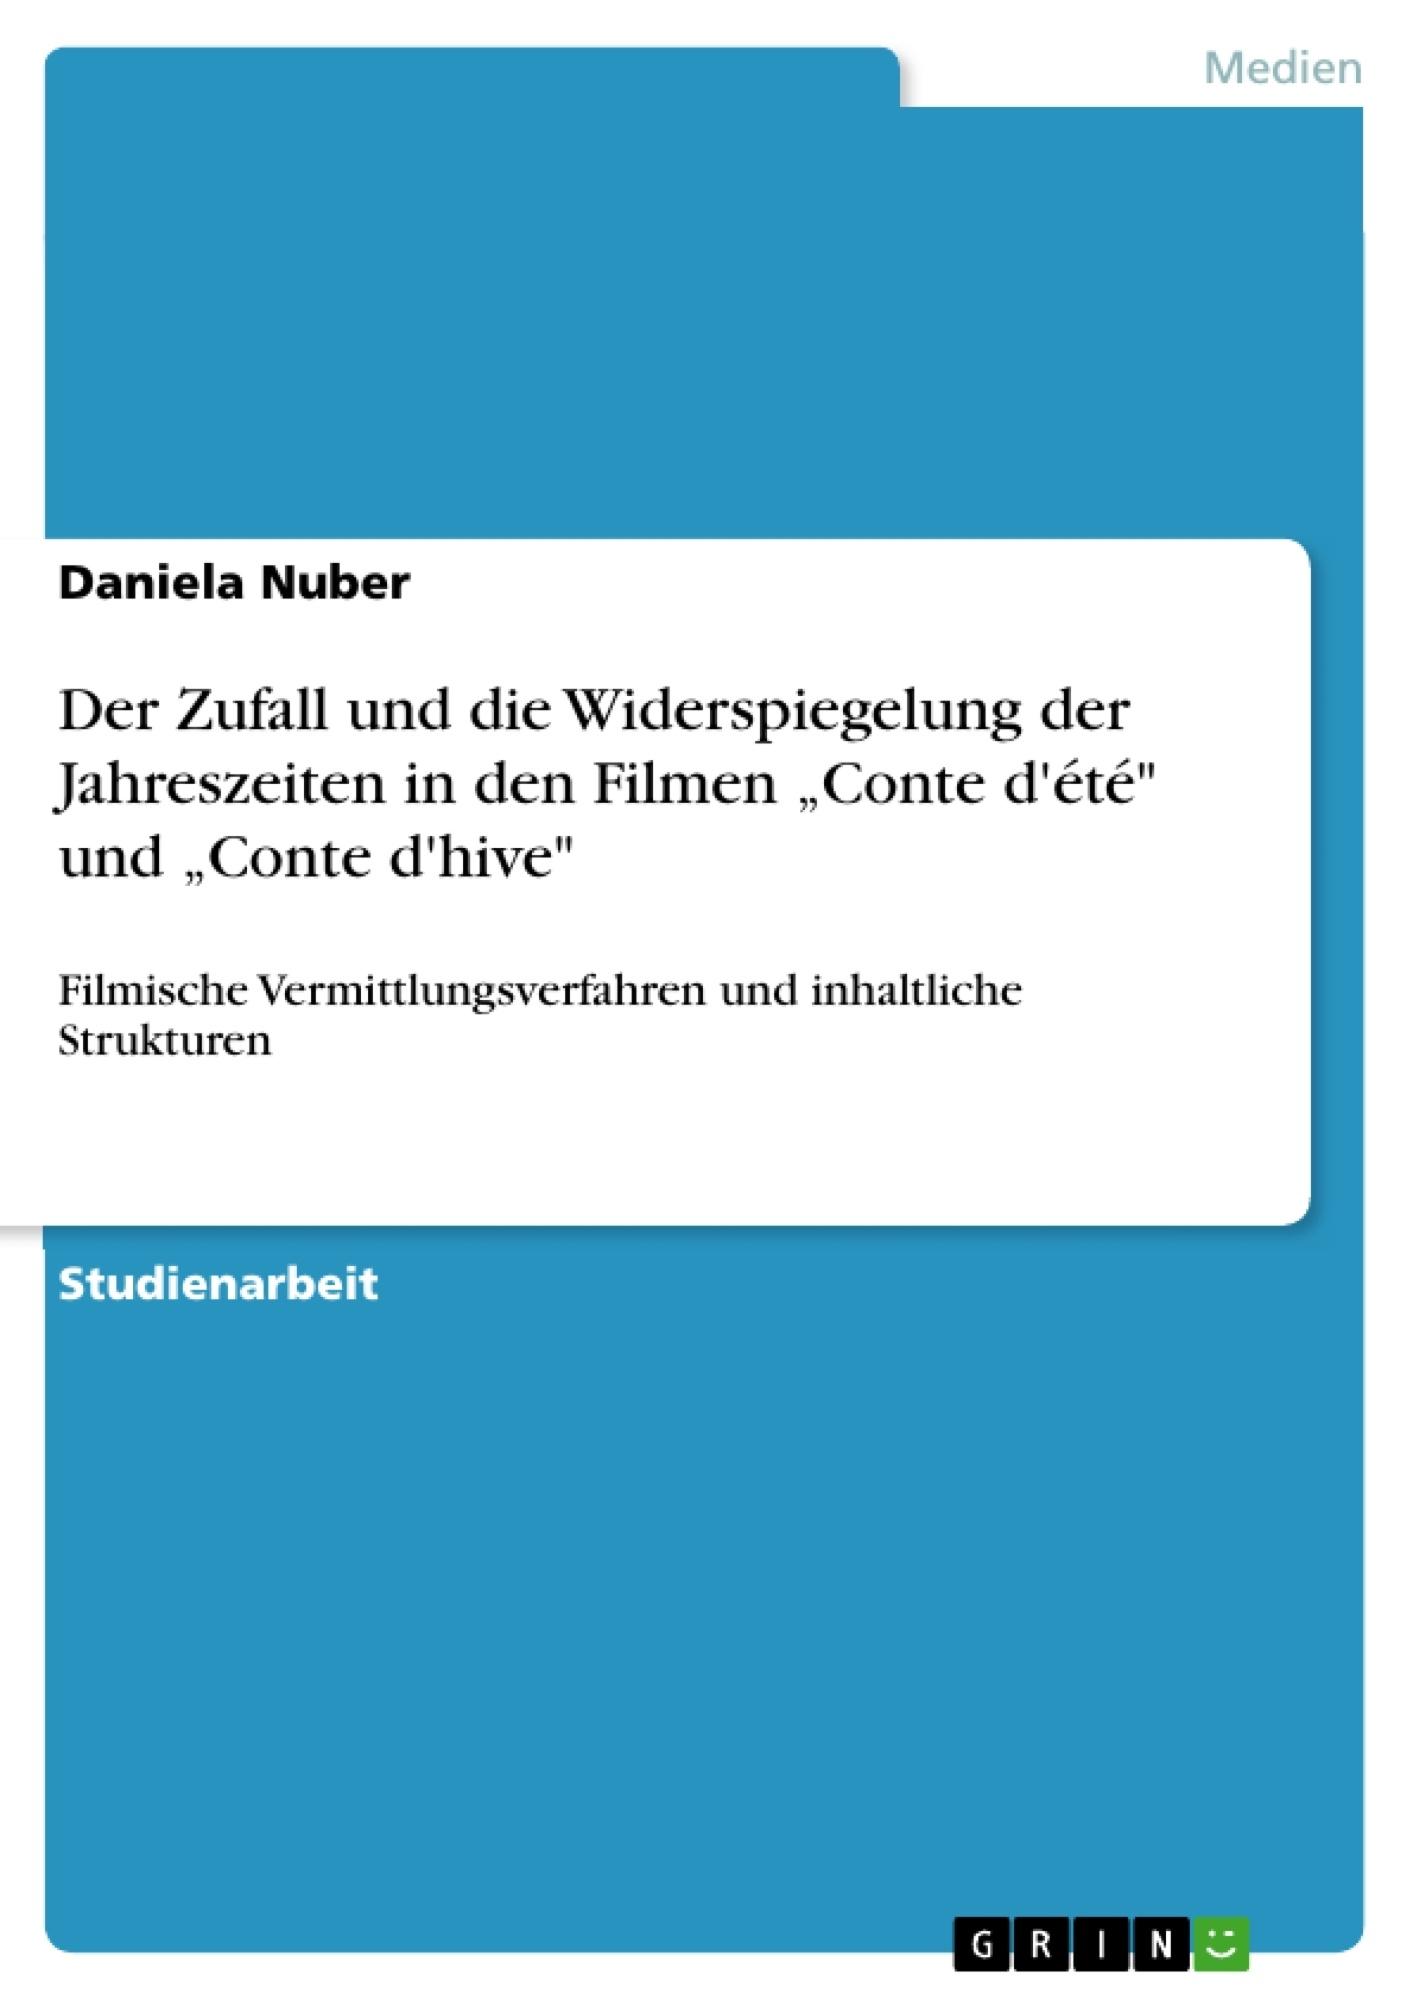 """Titel: Der Zufall und die Widerspiegelung der Jahreszeiten in den Filmen """"Conte d'été"""" und """"Conte d'hive"""""""